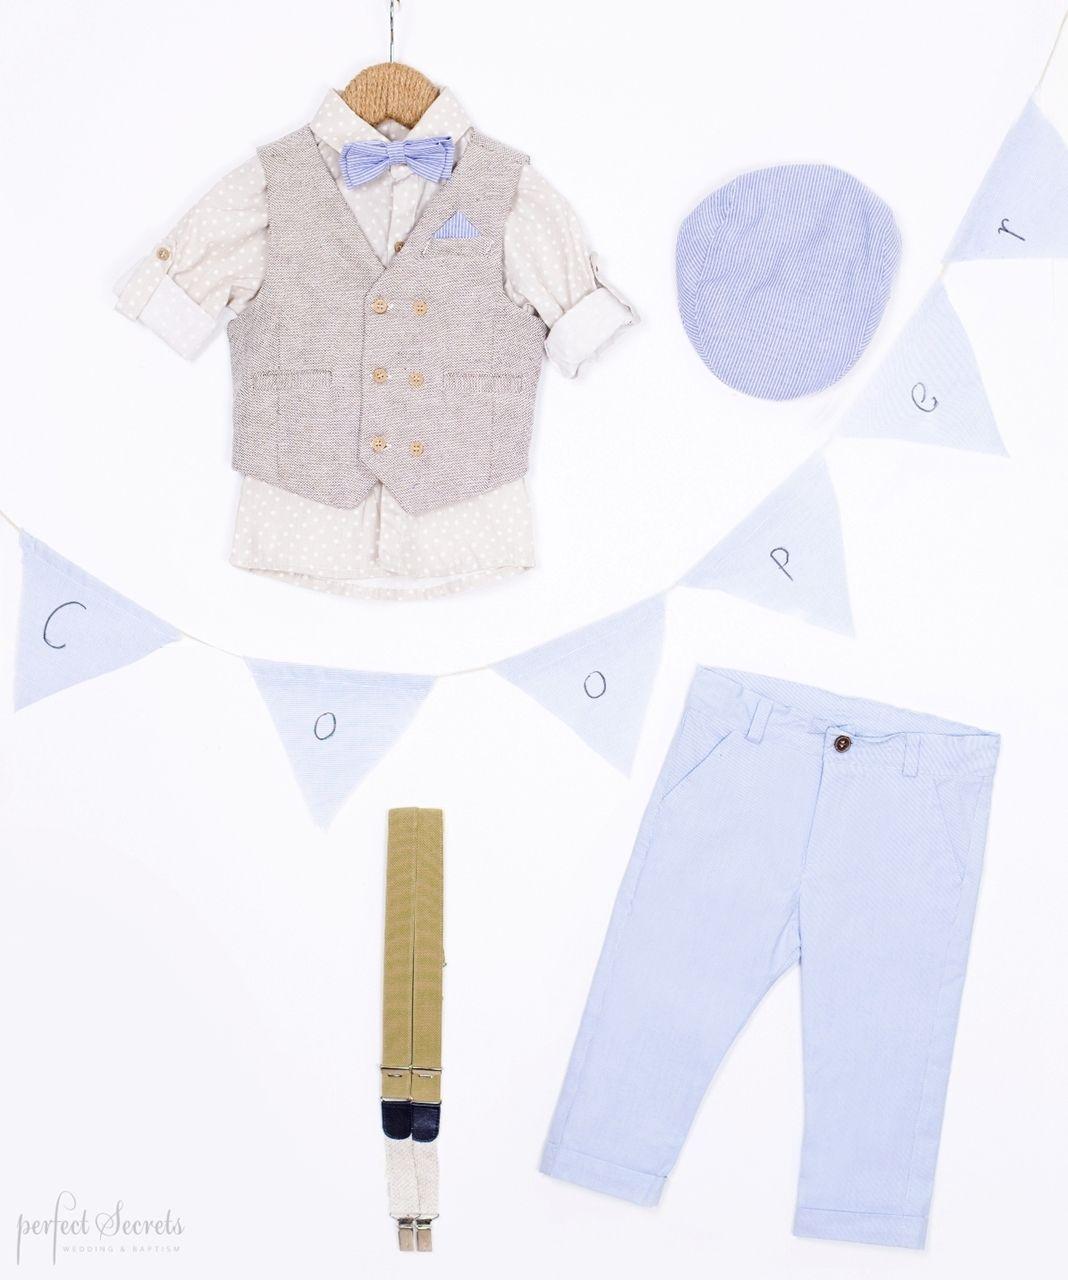 bambolino βαπτιστικά ρούχα για αγόρι 65a46fb58ca